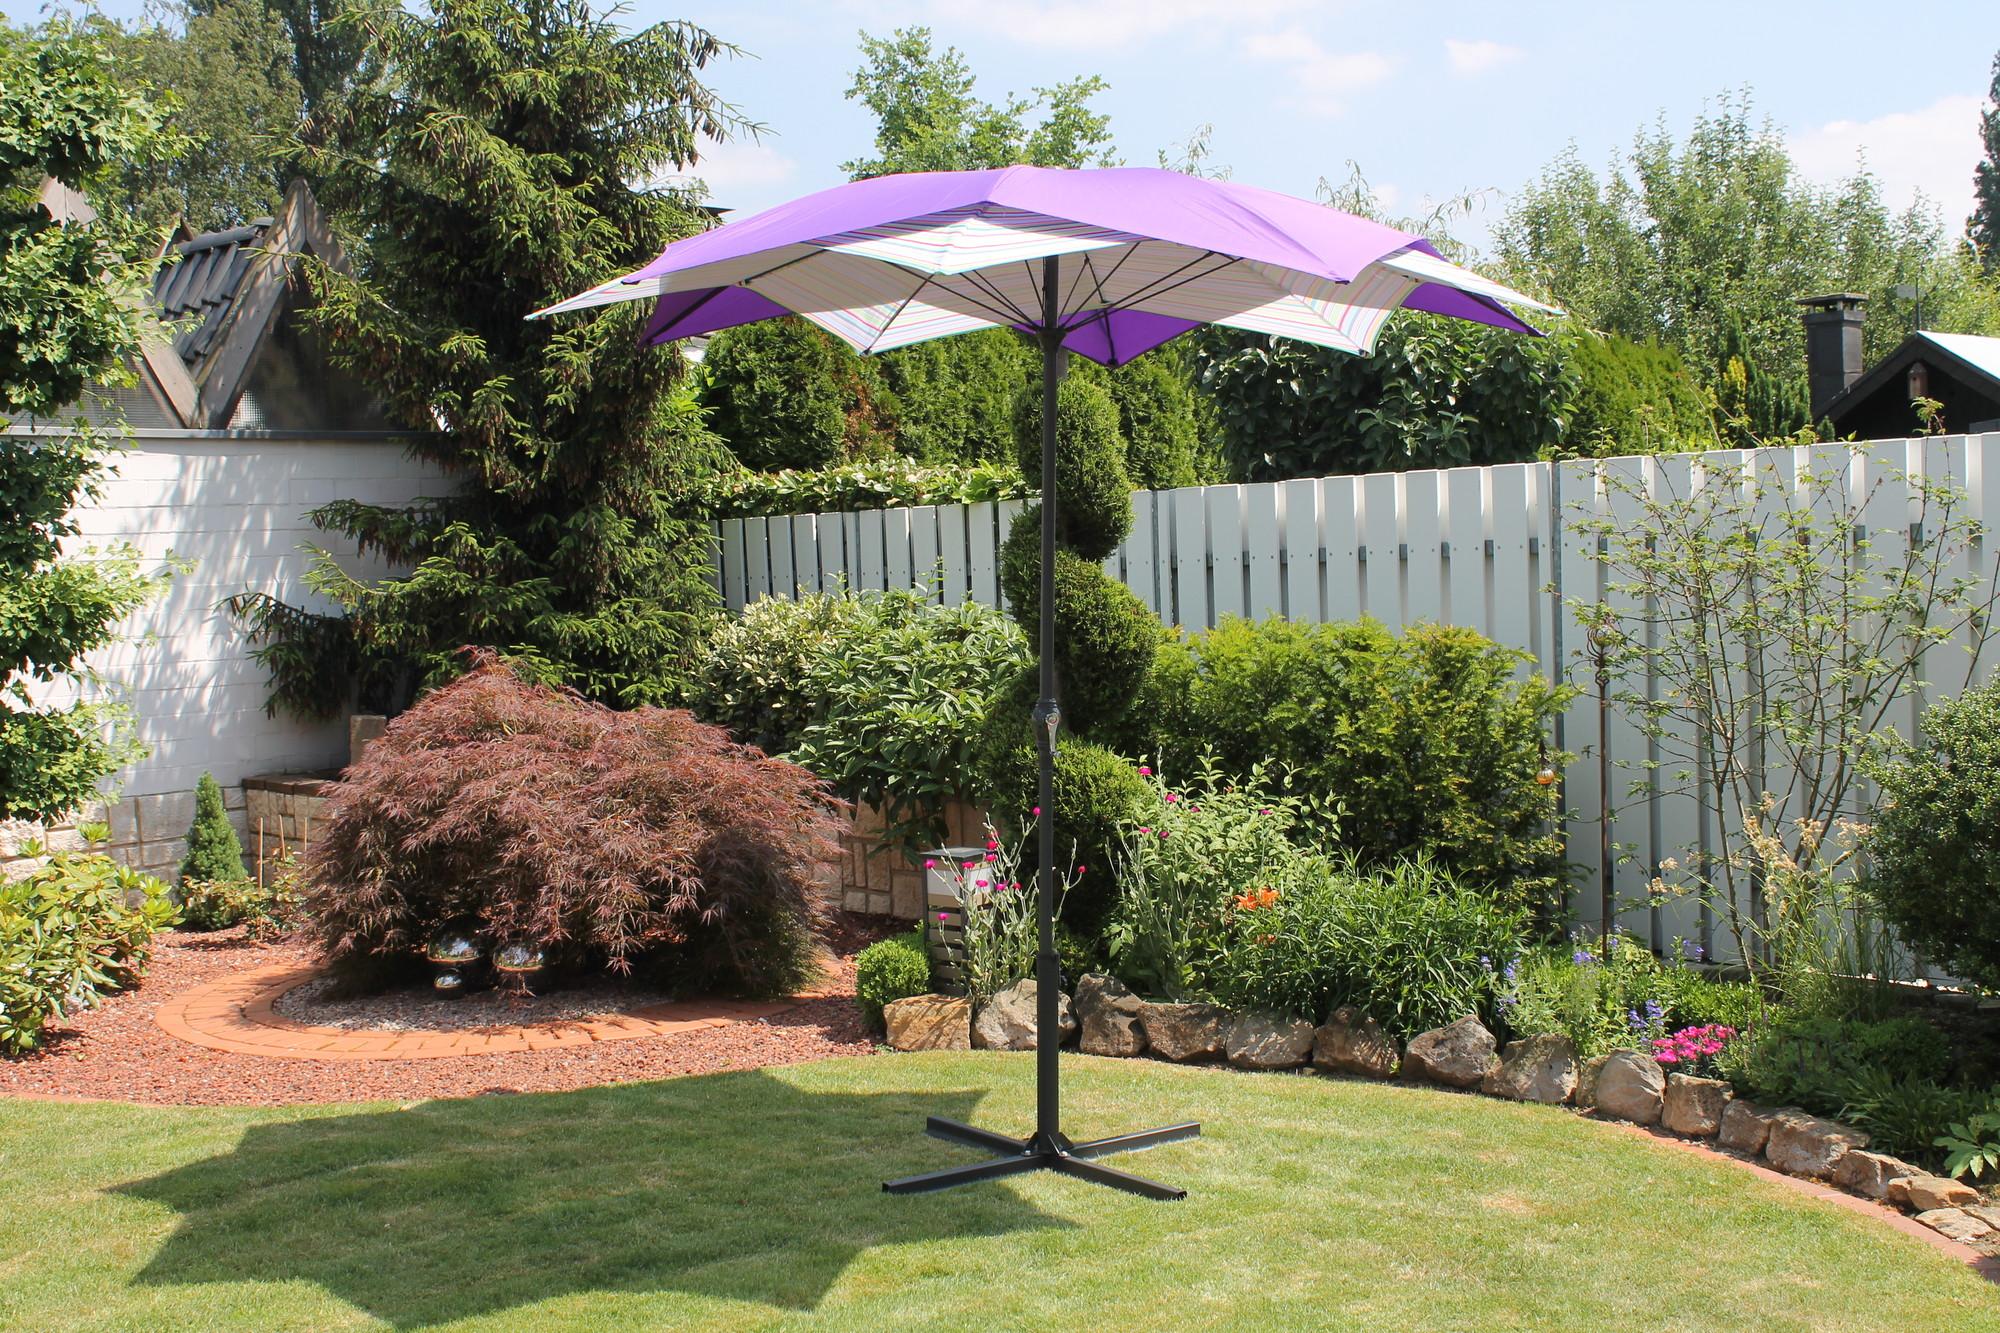 Van Wohi Leco Bloem Parasol violet gestreept (doorsnede 270 cm) (20700 512) Prijsvergelijk nu!